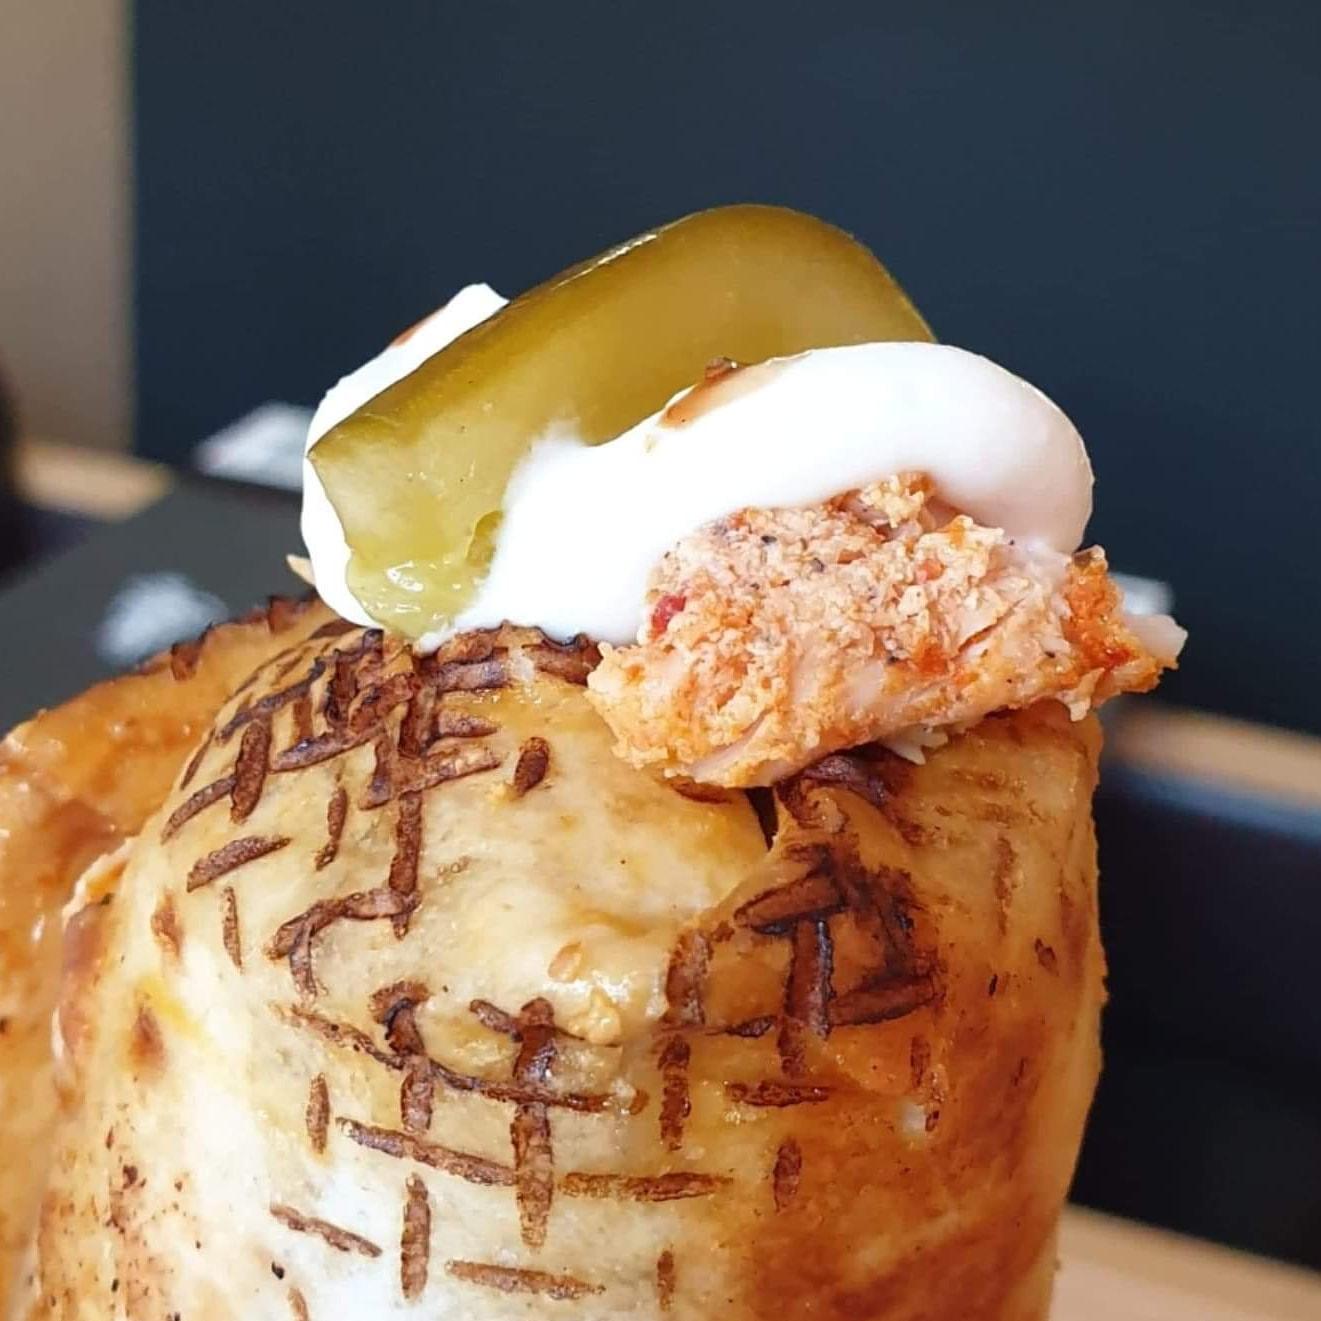 Shawarma poulet de spécialité libanaise